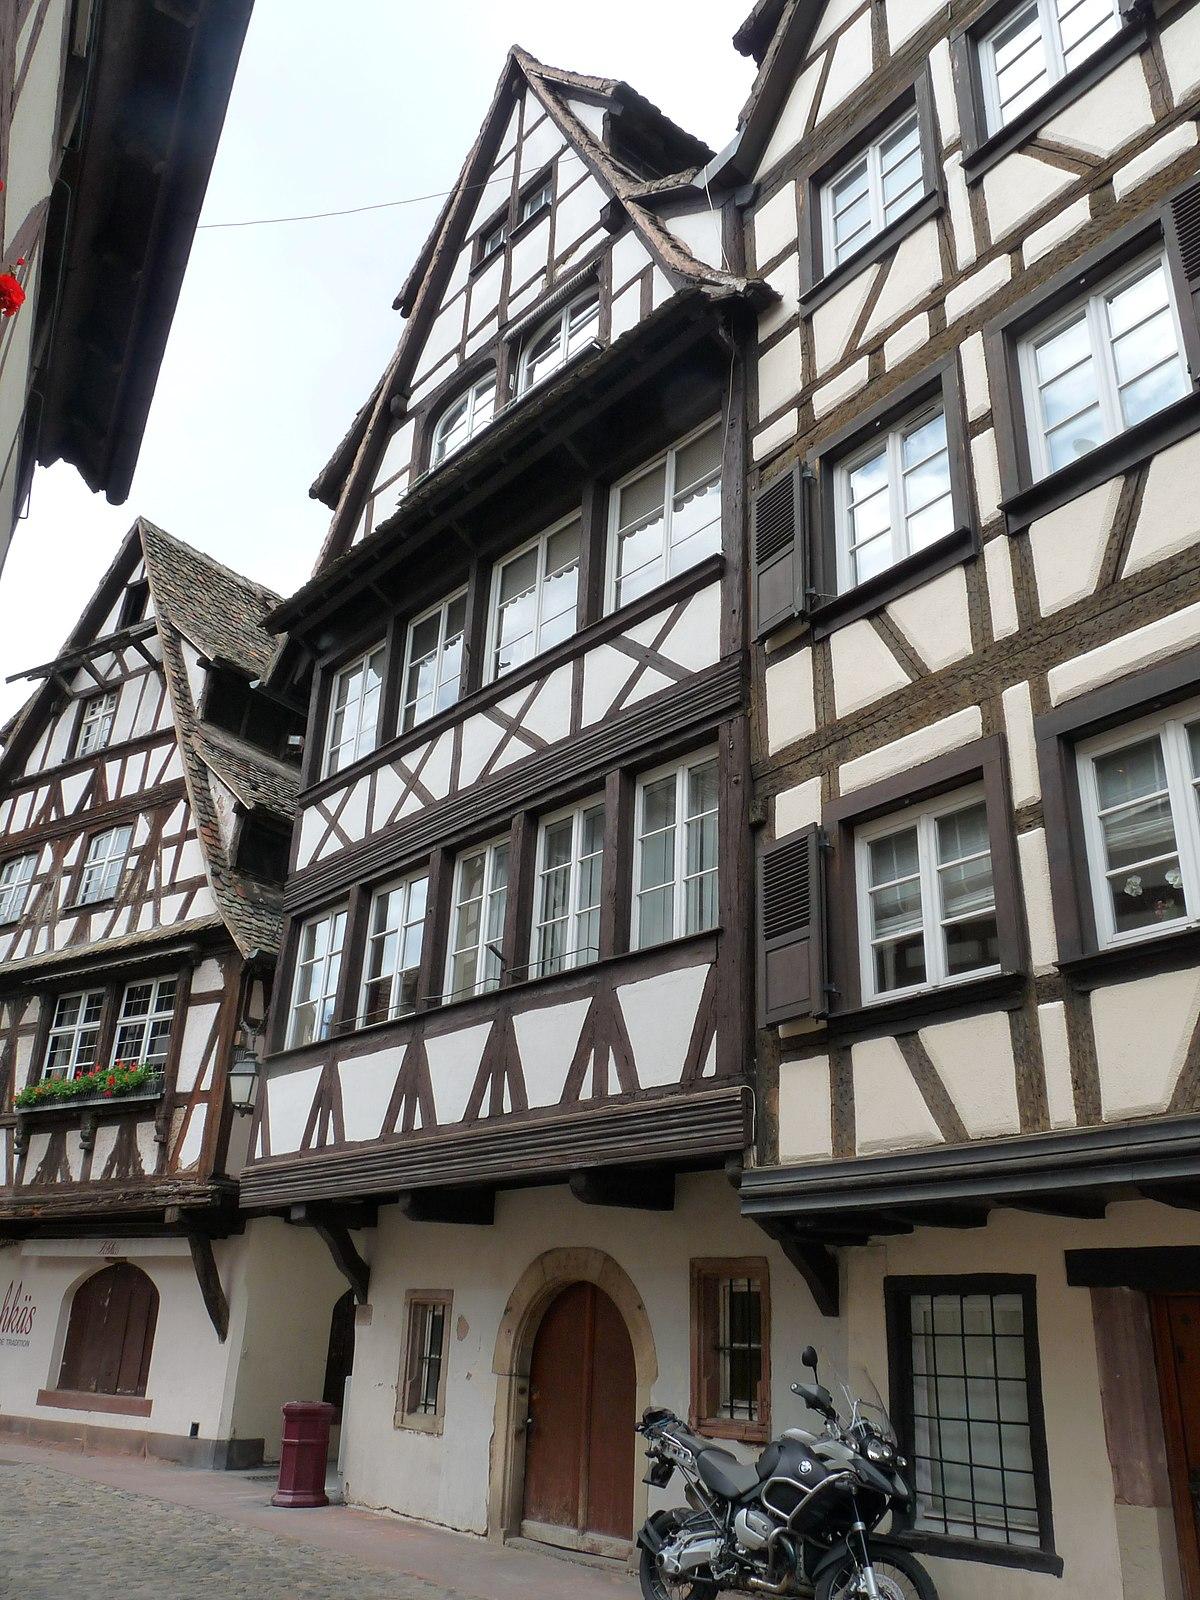 Maison au 27 rue du bain aux plantes strasbourg wikip dia for Rue du miroir strasbourg